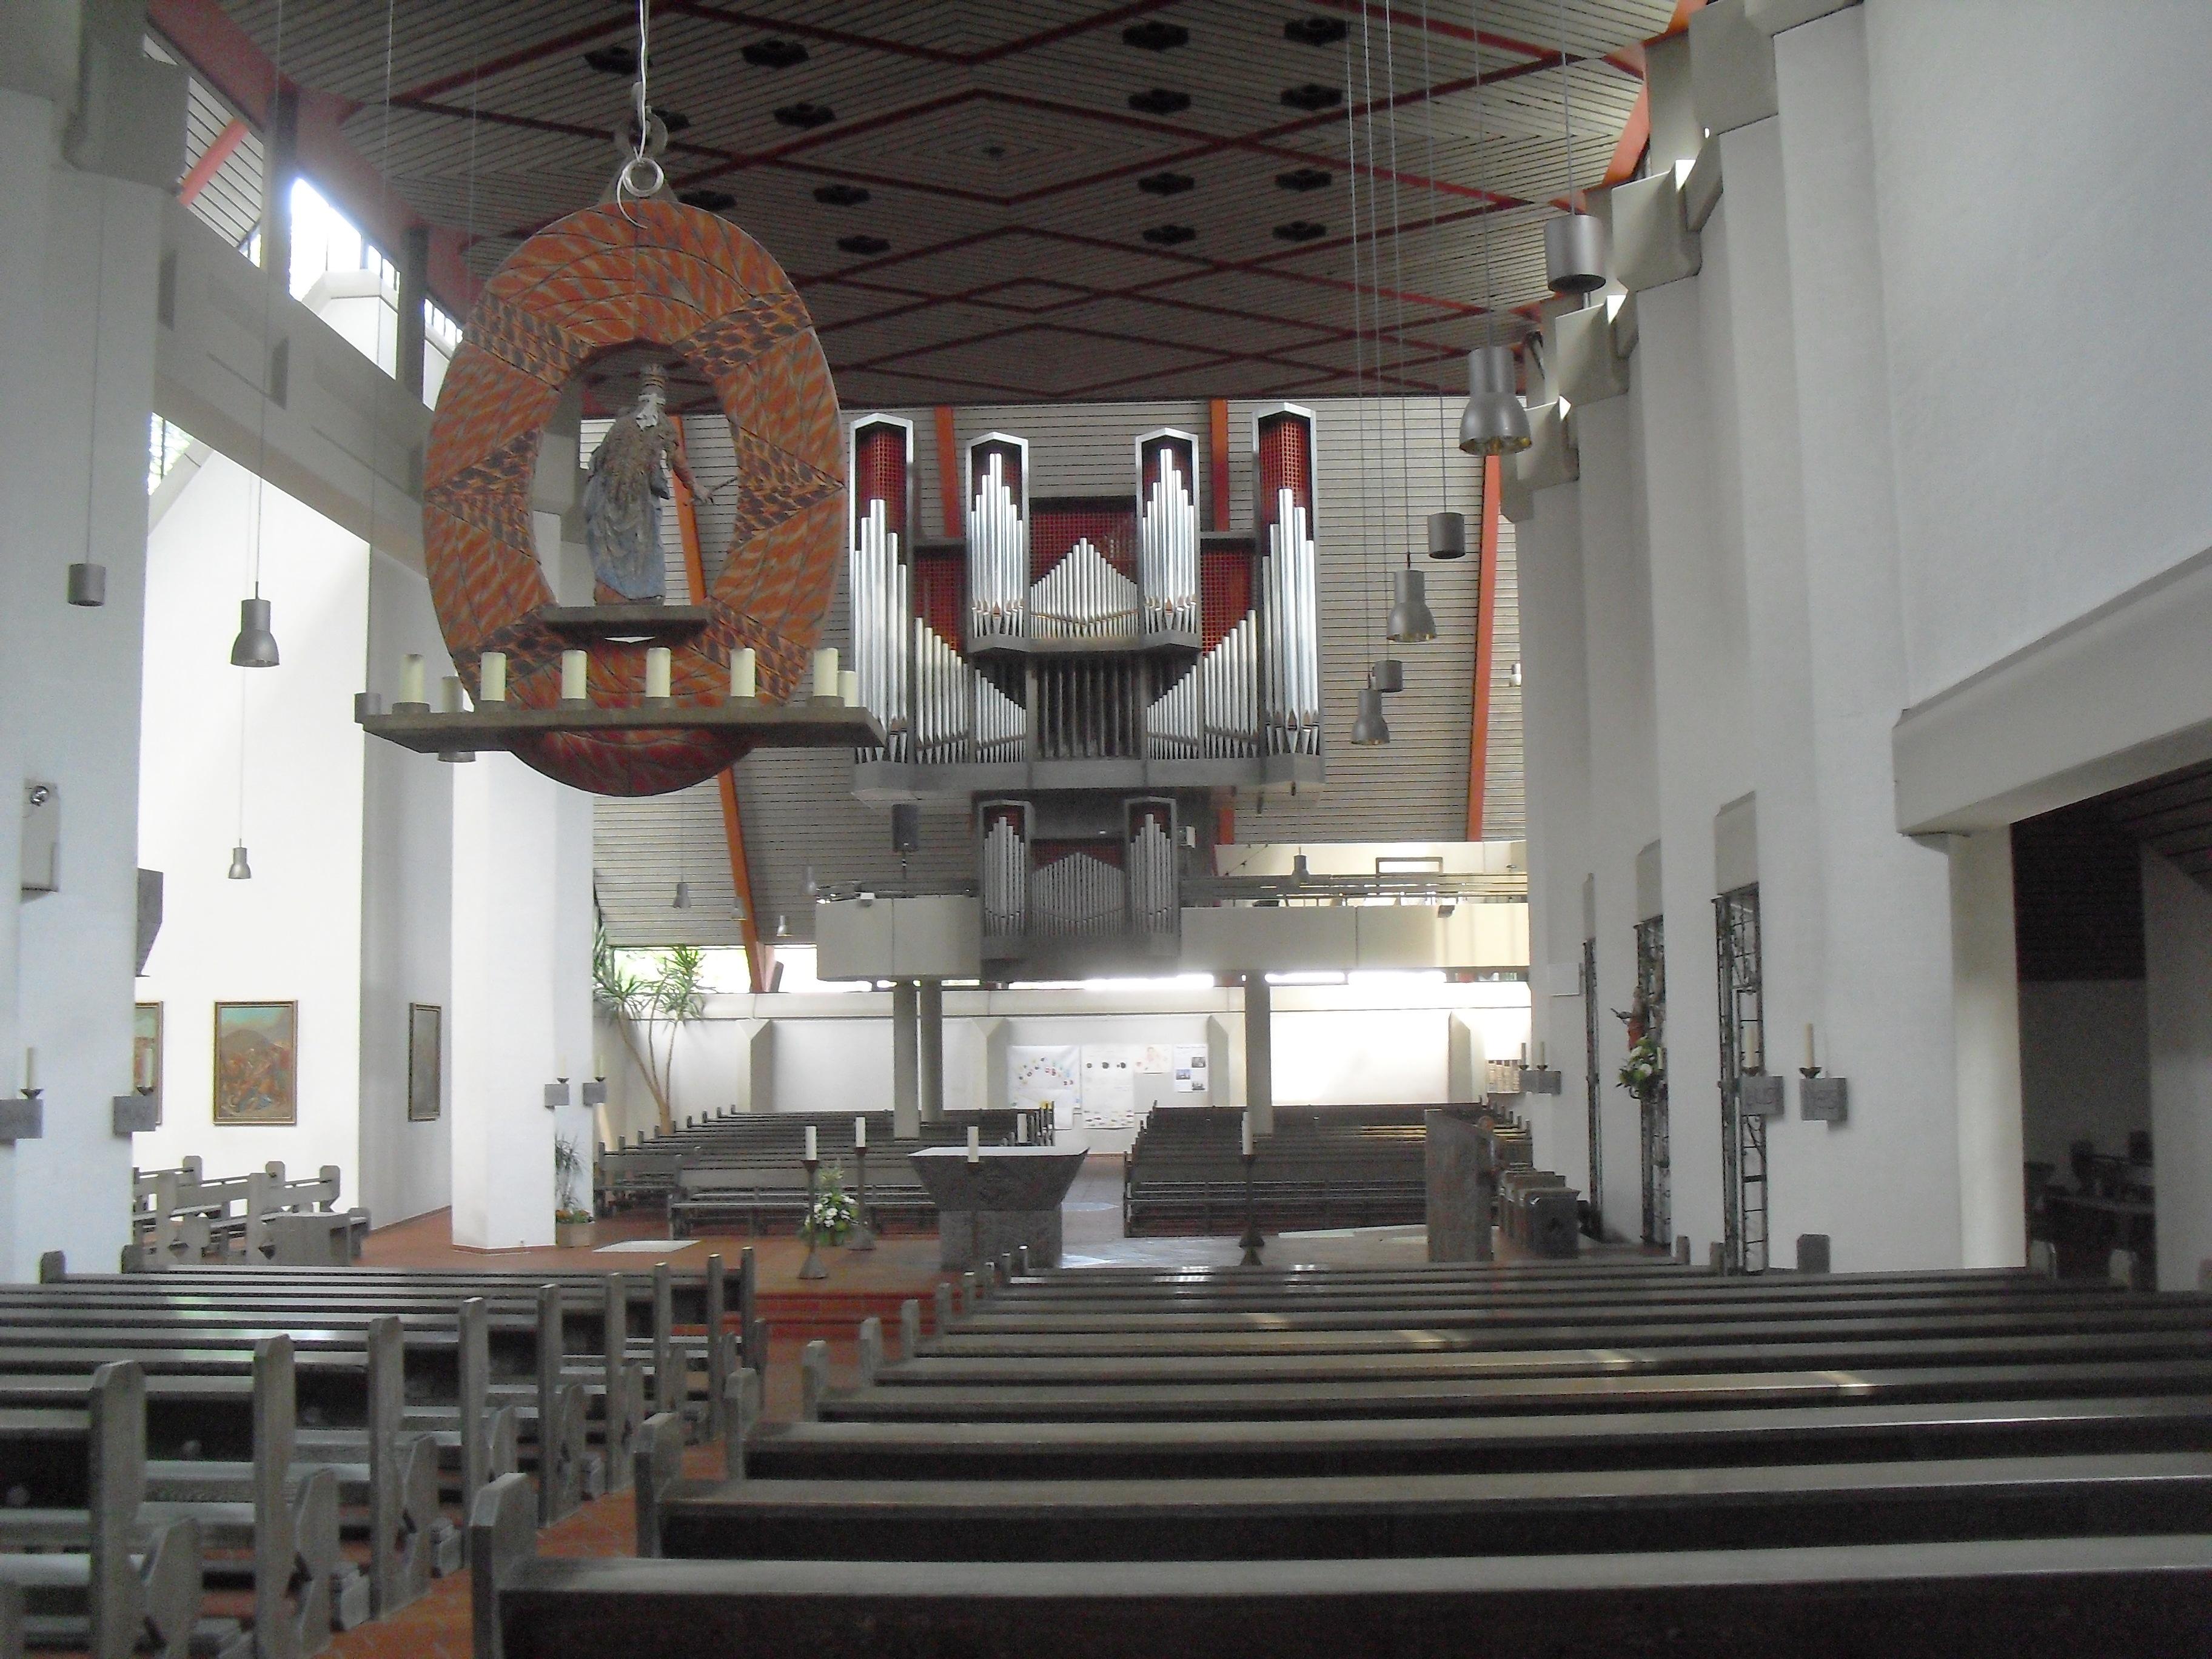 File:Hövelhof-Kirche innen.jpg - Wikimedia Commons